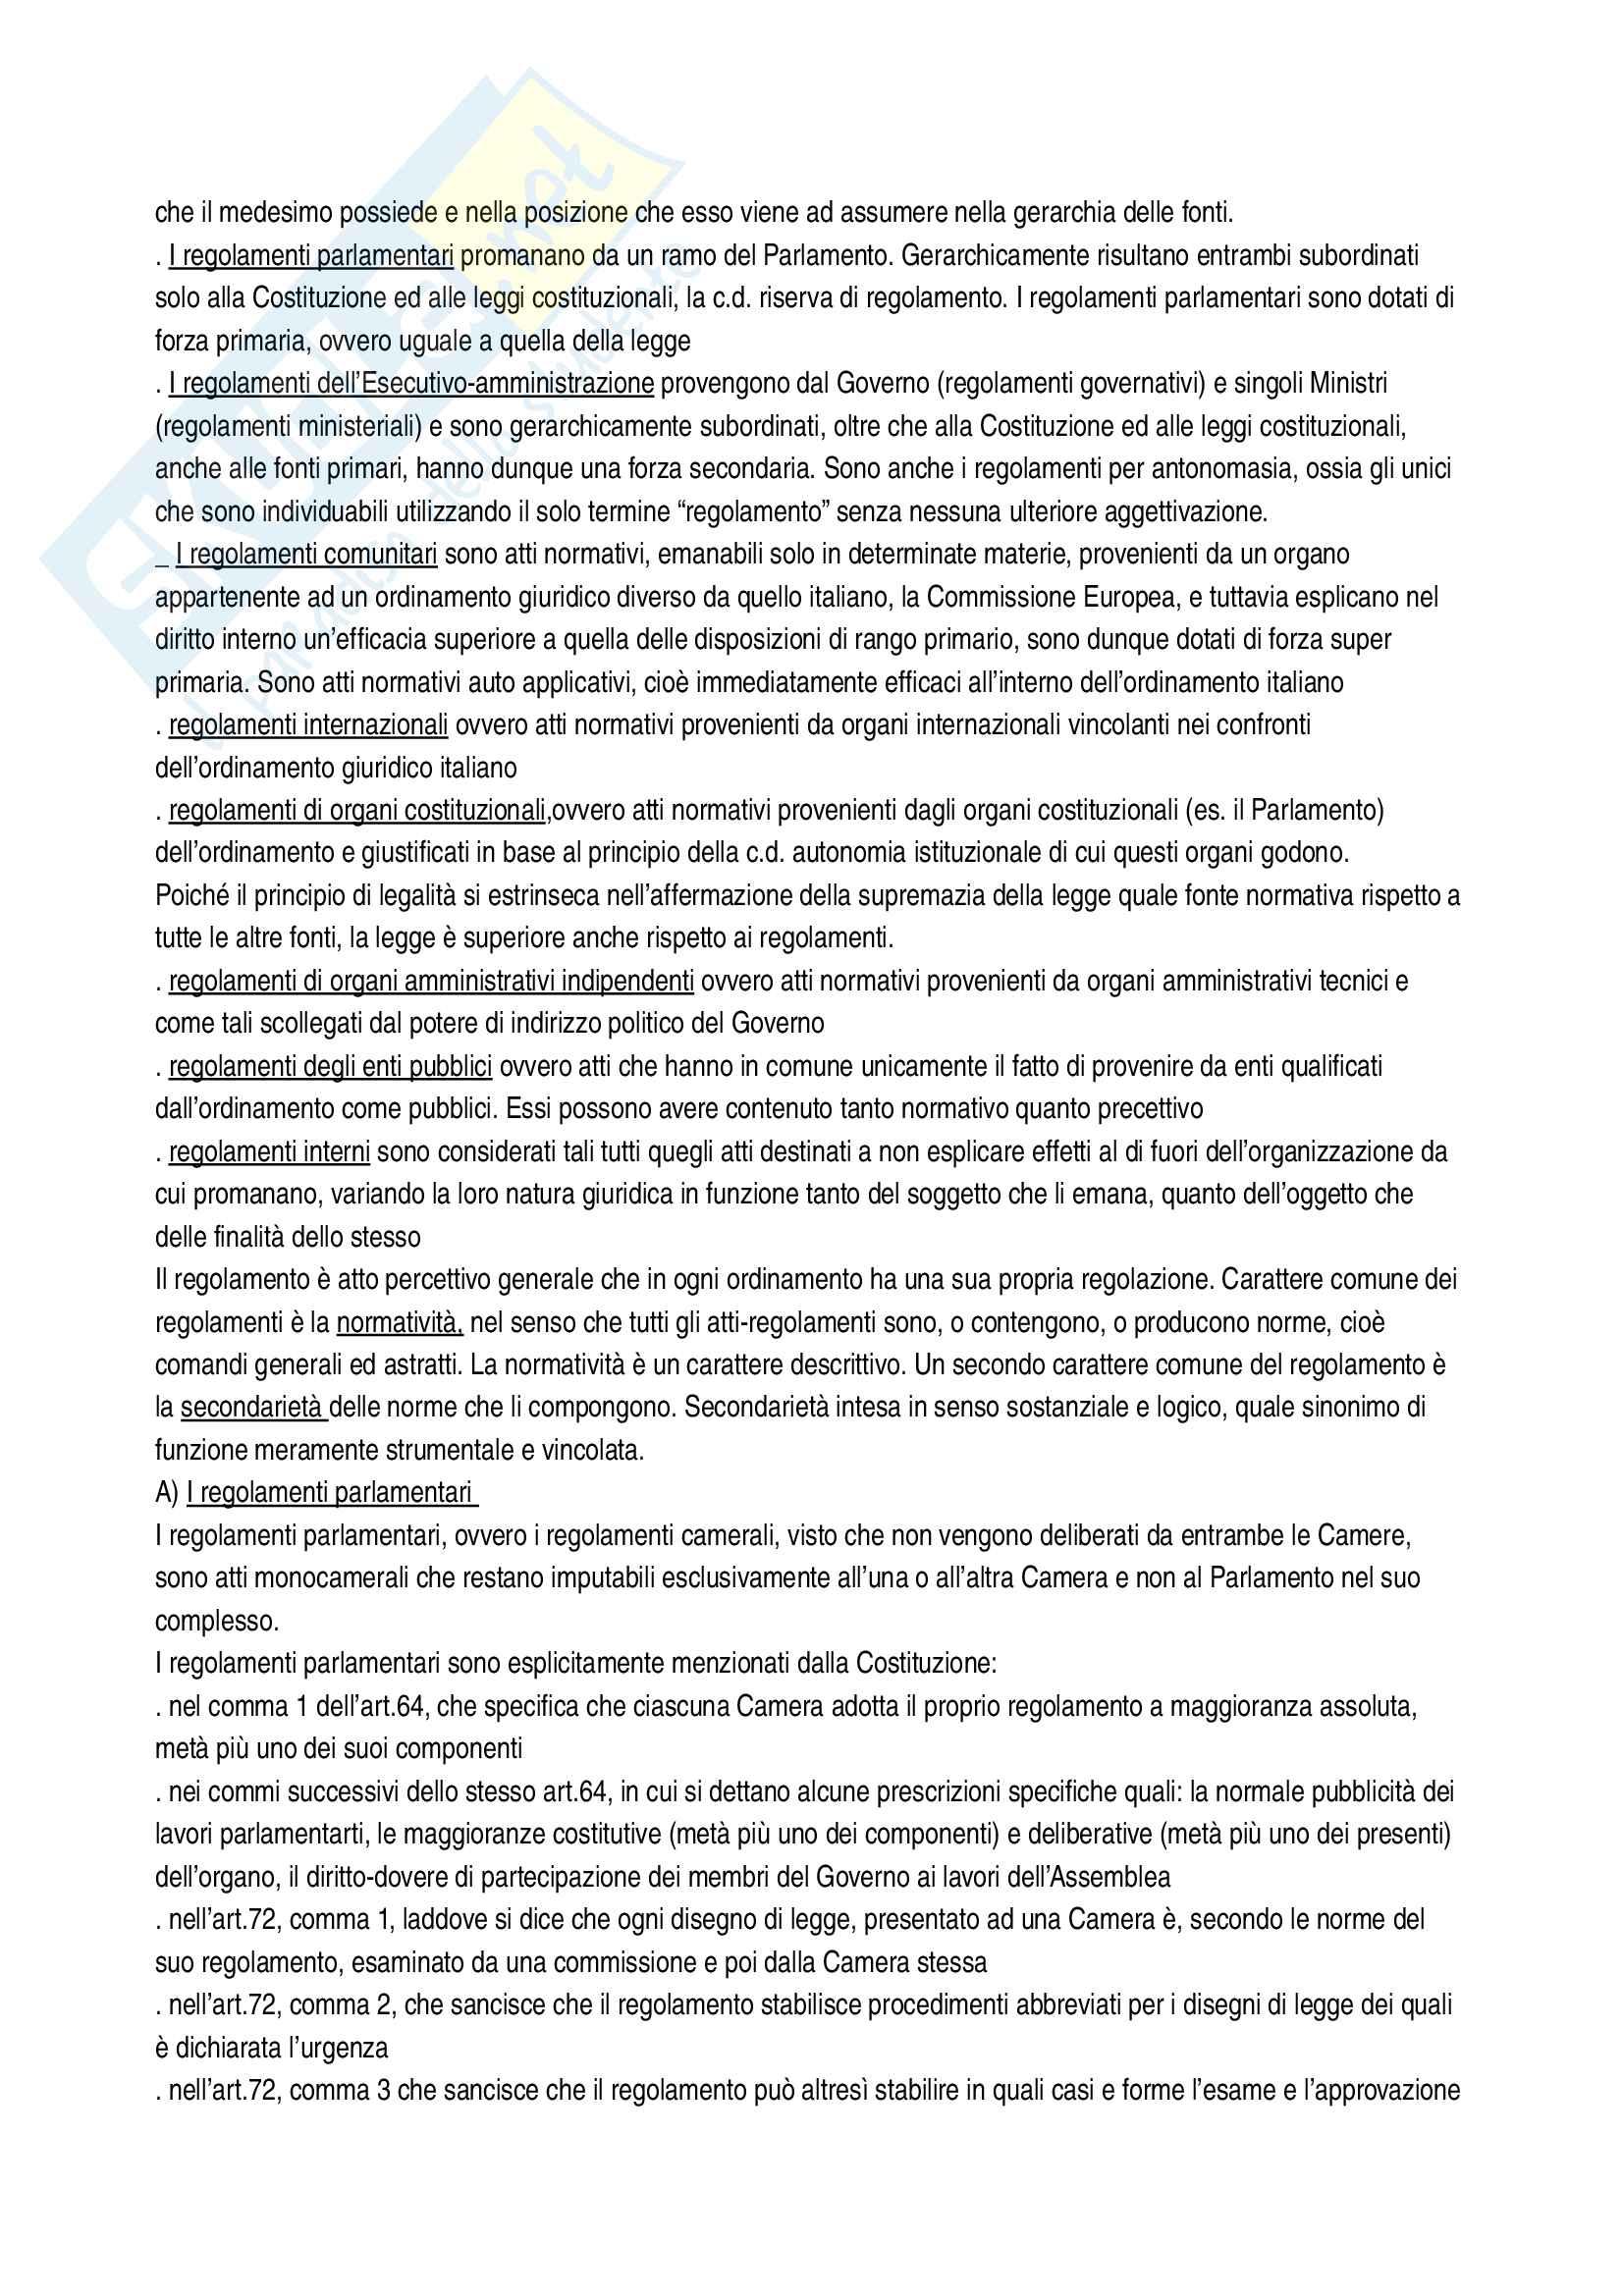 Riassunto esame diritto costituzionale, Vignudelli, libro consigliato Diritto costituzionale, Giappichelli editore Pag. 41